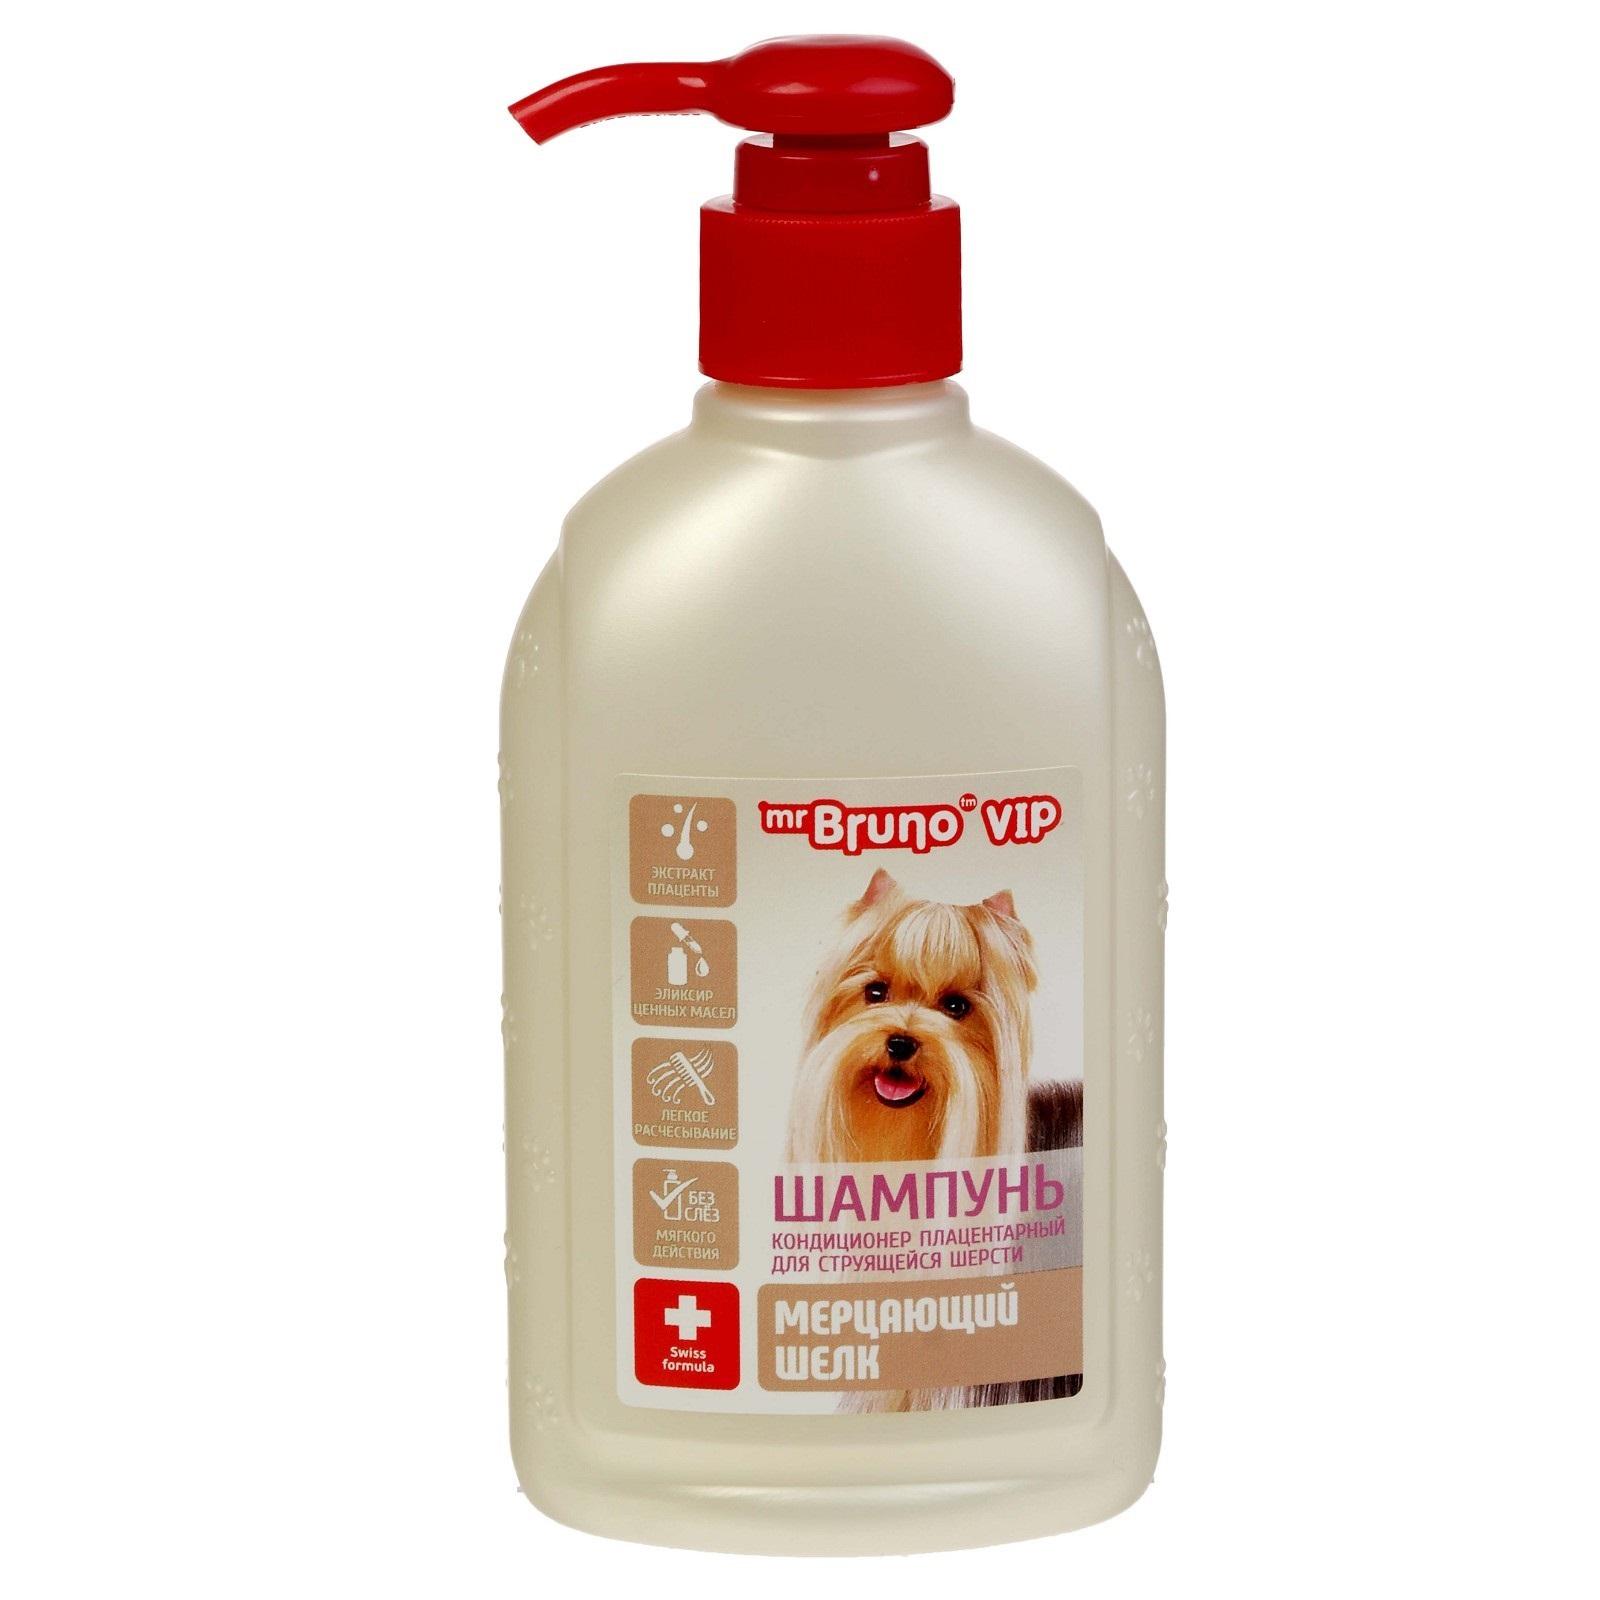 Шампунь для собак Mr.Bruno VIP Роскошный объем для густой шерсти, 200 мл